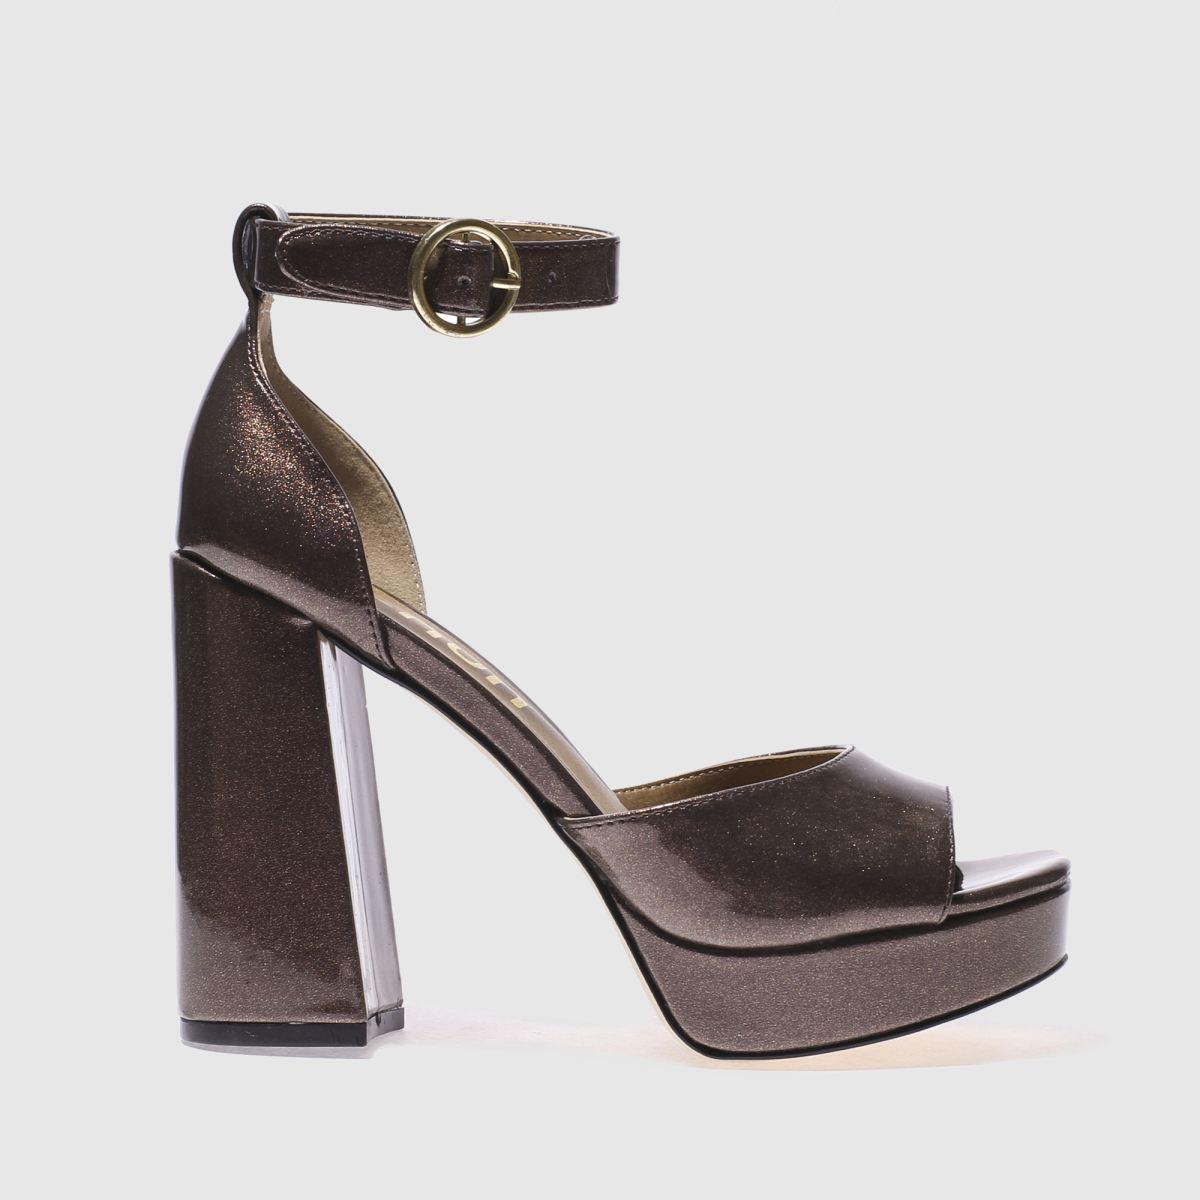 schuh Schuh Bronze Party Trick High Heels